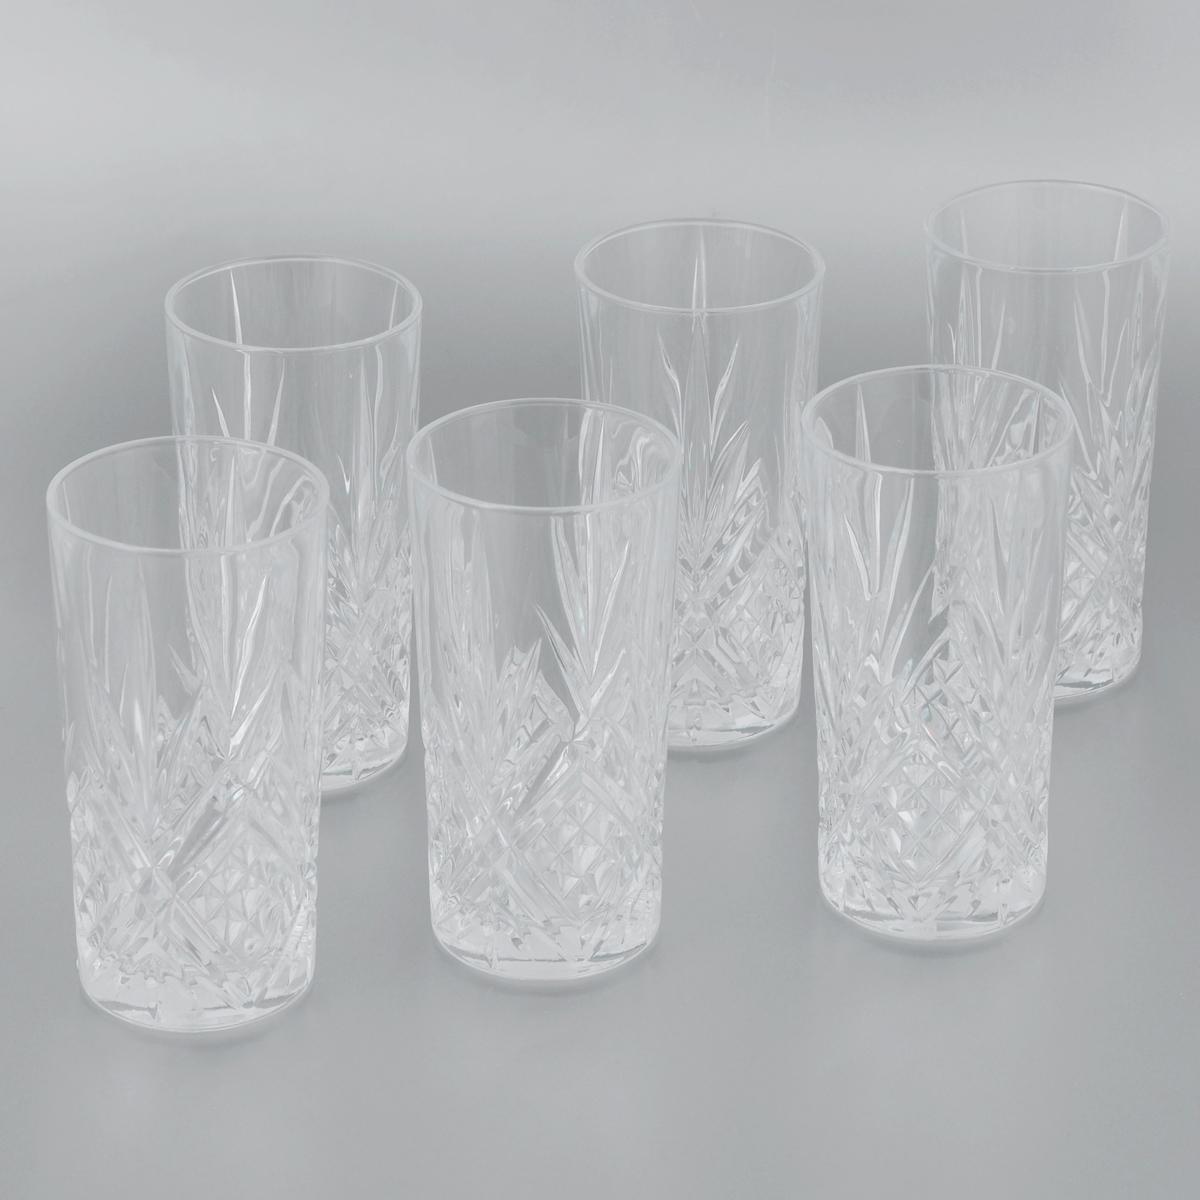 Набор стаканов Cristal Darques Masquerade, 380 мл, 6 штG5549Набор Cristal Darques Masquerade, состоящий из шести высоких стаканов, несомненно, придется вам по душе. Стаканы предназначены для подачи сока, воды и других напитков. Они изготовлены из прочного высококачественного стекла Diamax, отличающегося необыкновенной прозрачностью и великолепным сиянием, и имеют толстое дно. Стаканы сочетают в себе элегантный дизайн и функциональность. Благодаря такому набору пить напитки будет еще вкуснее. Набор стаканов Cristal Darques Masquerade идеально подойдет для сервировки стола и станет отличным подарком к любому празднику. Можно мыть в посудомоечной машине. Высота стакана: 14,5 см. Диаметр стакана по верхнему краю: 7 см.